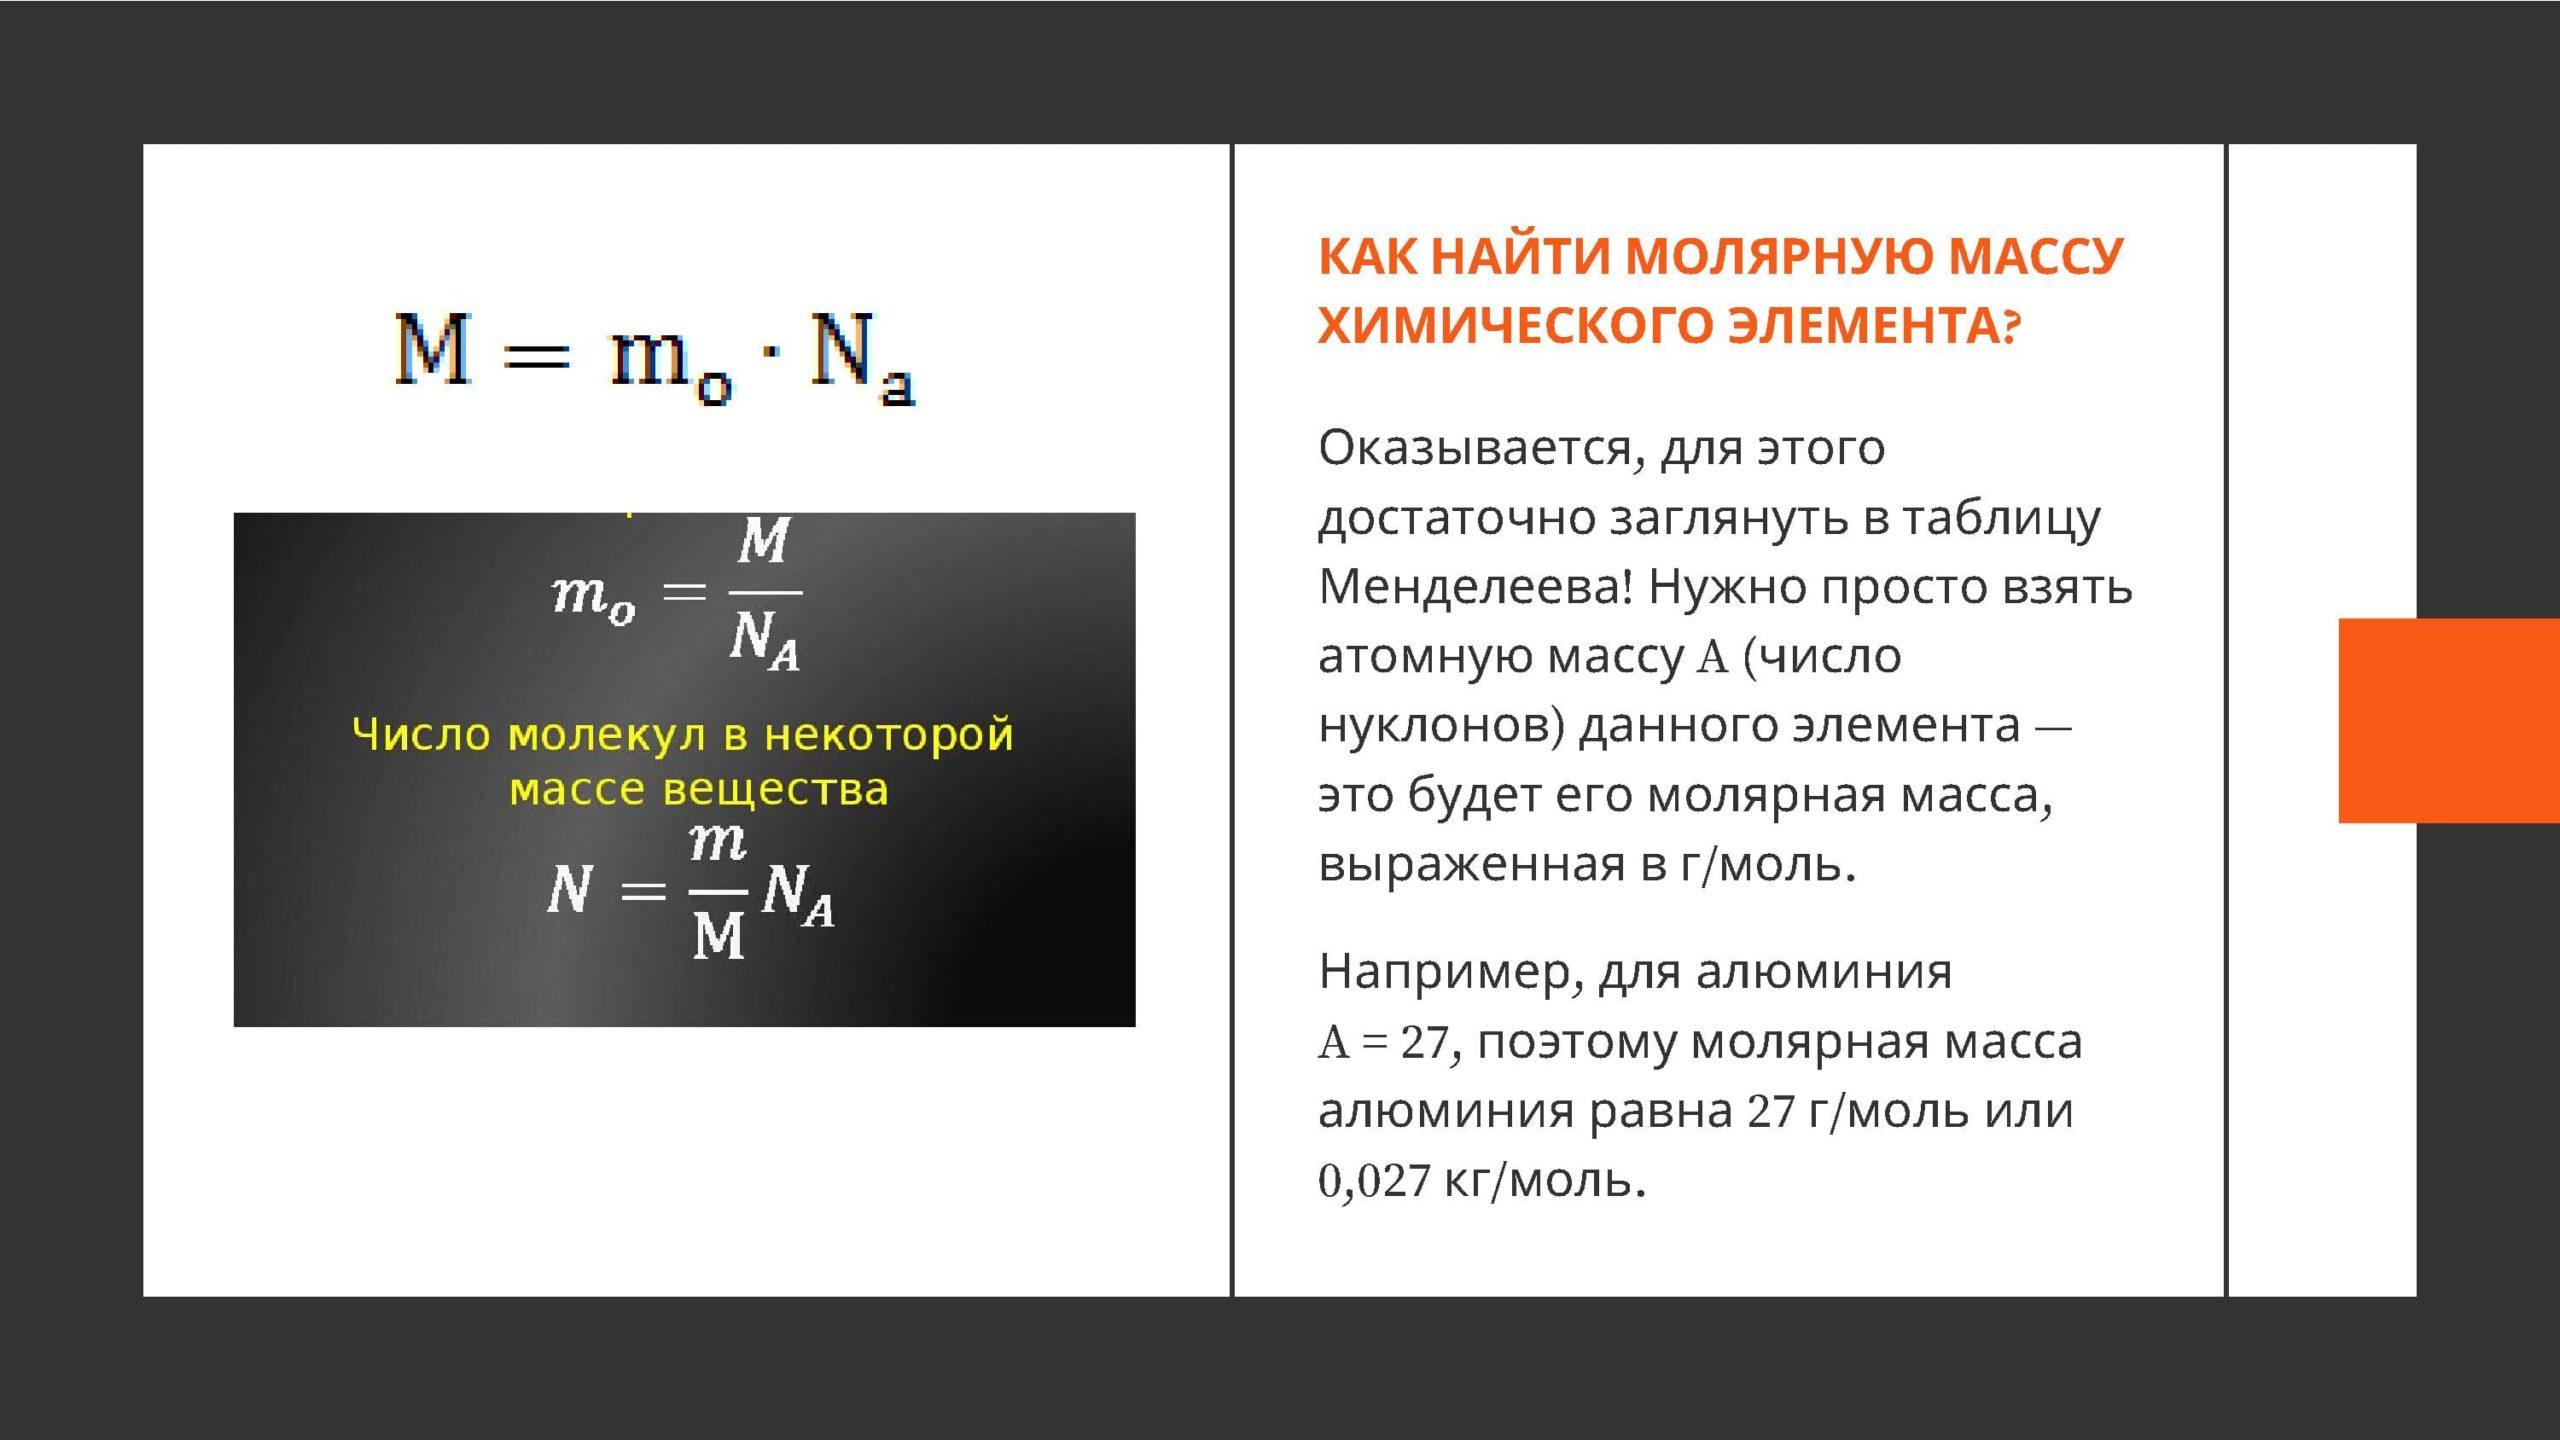 как найти молярную массу химического элемента